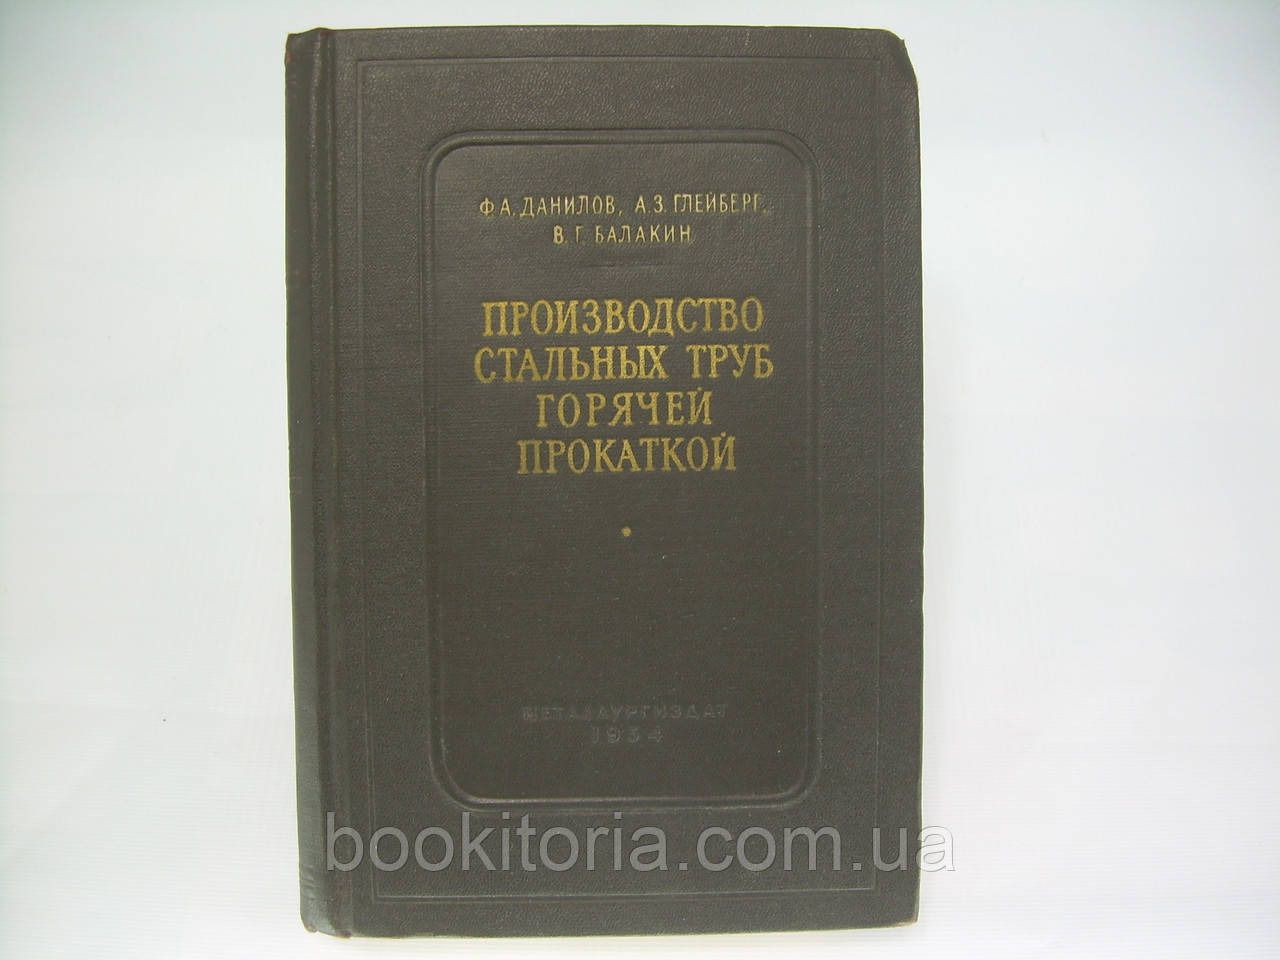 Данилов Ф.А. и др. Производство стальных труб горячей прокаткой (б/у).